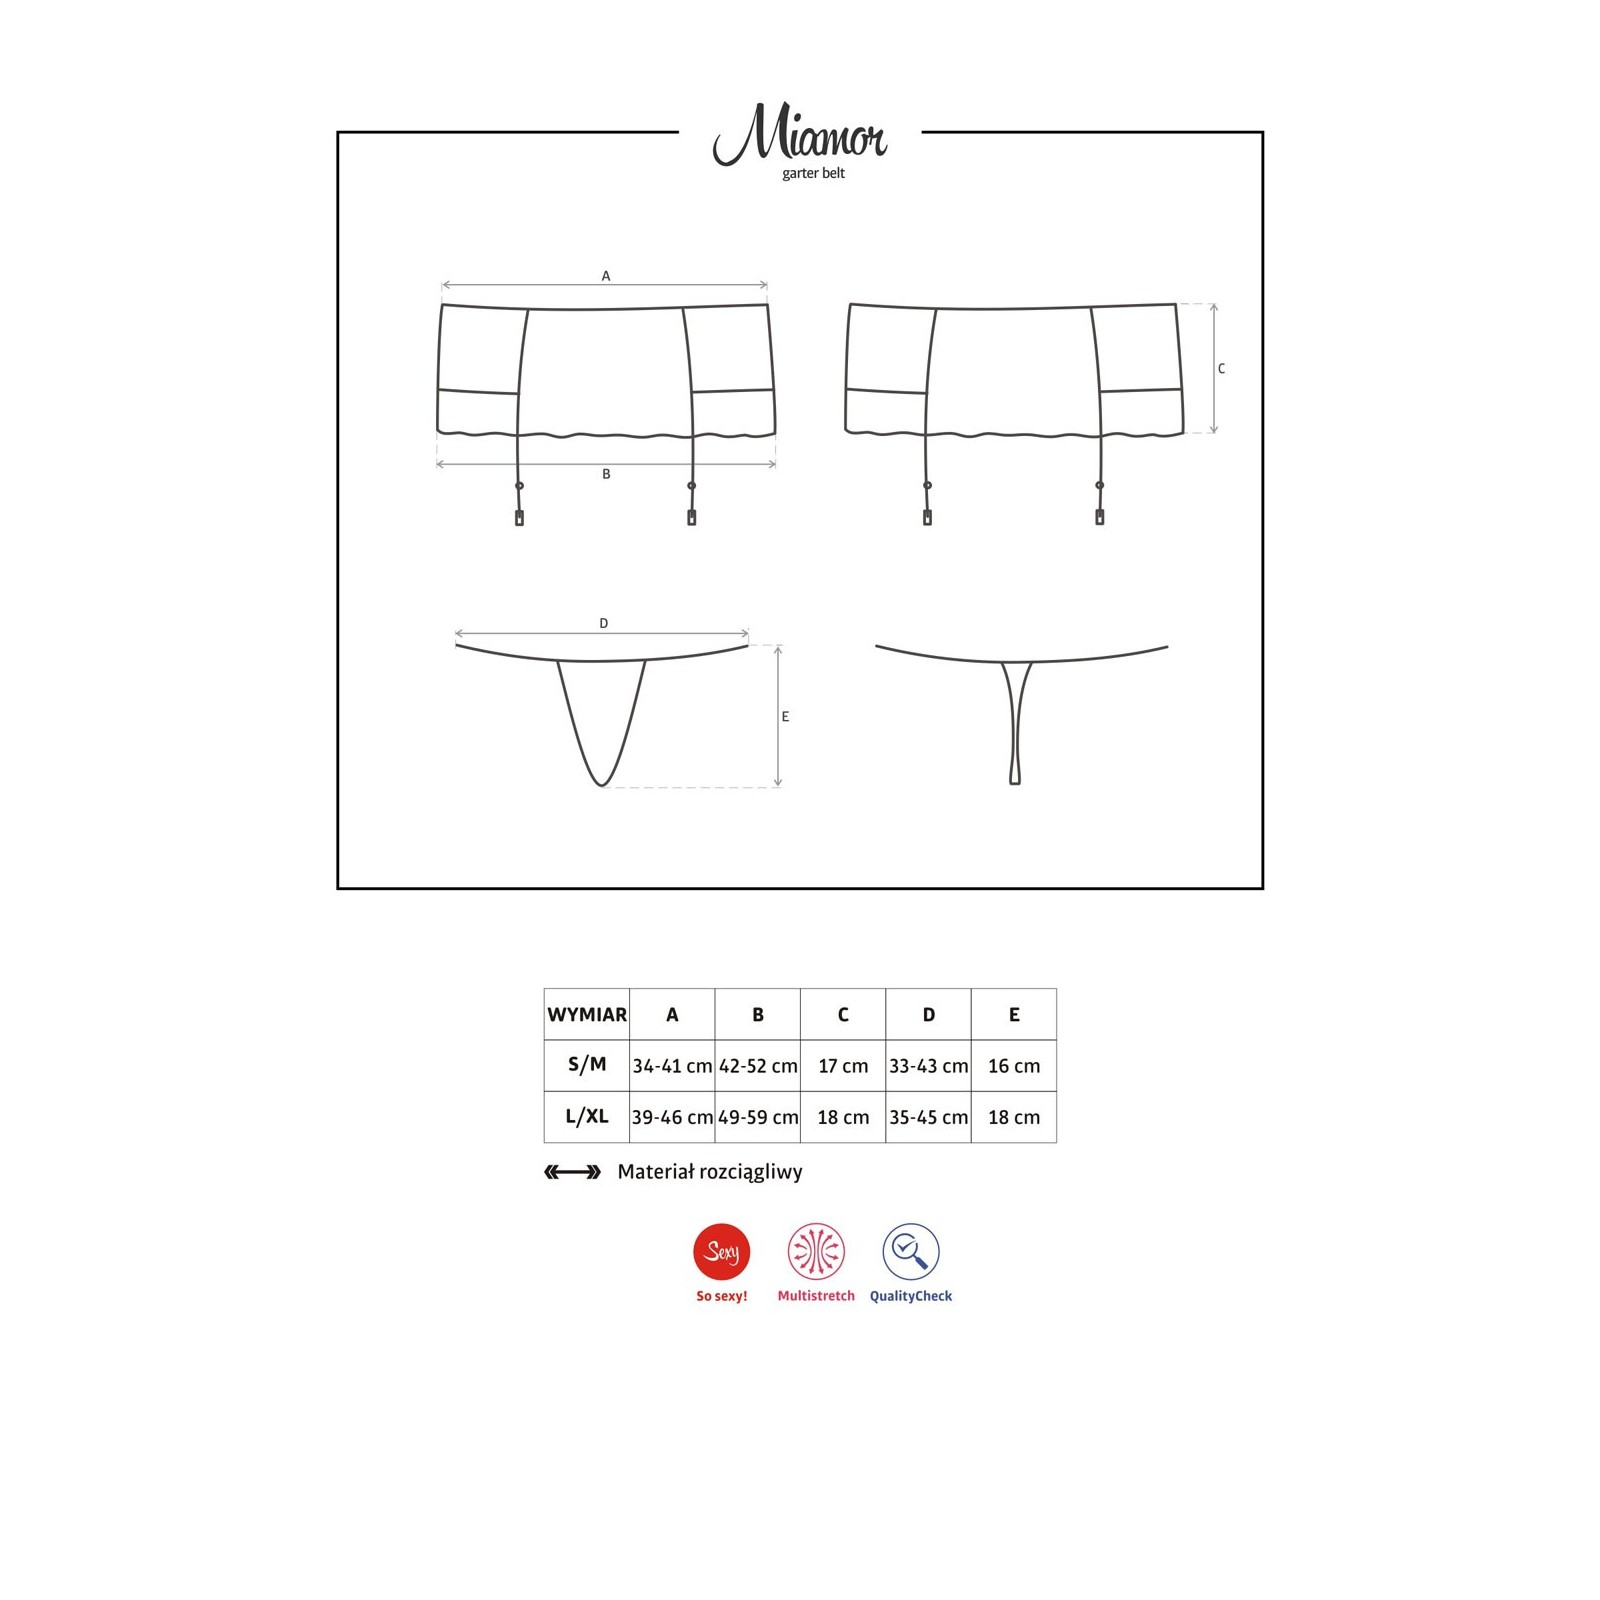 Miamor Garter Belt - 7 - Vorschaubild